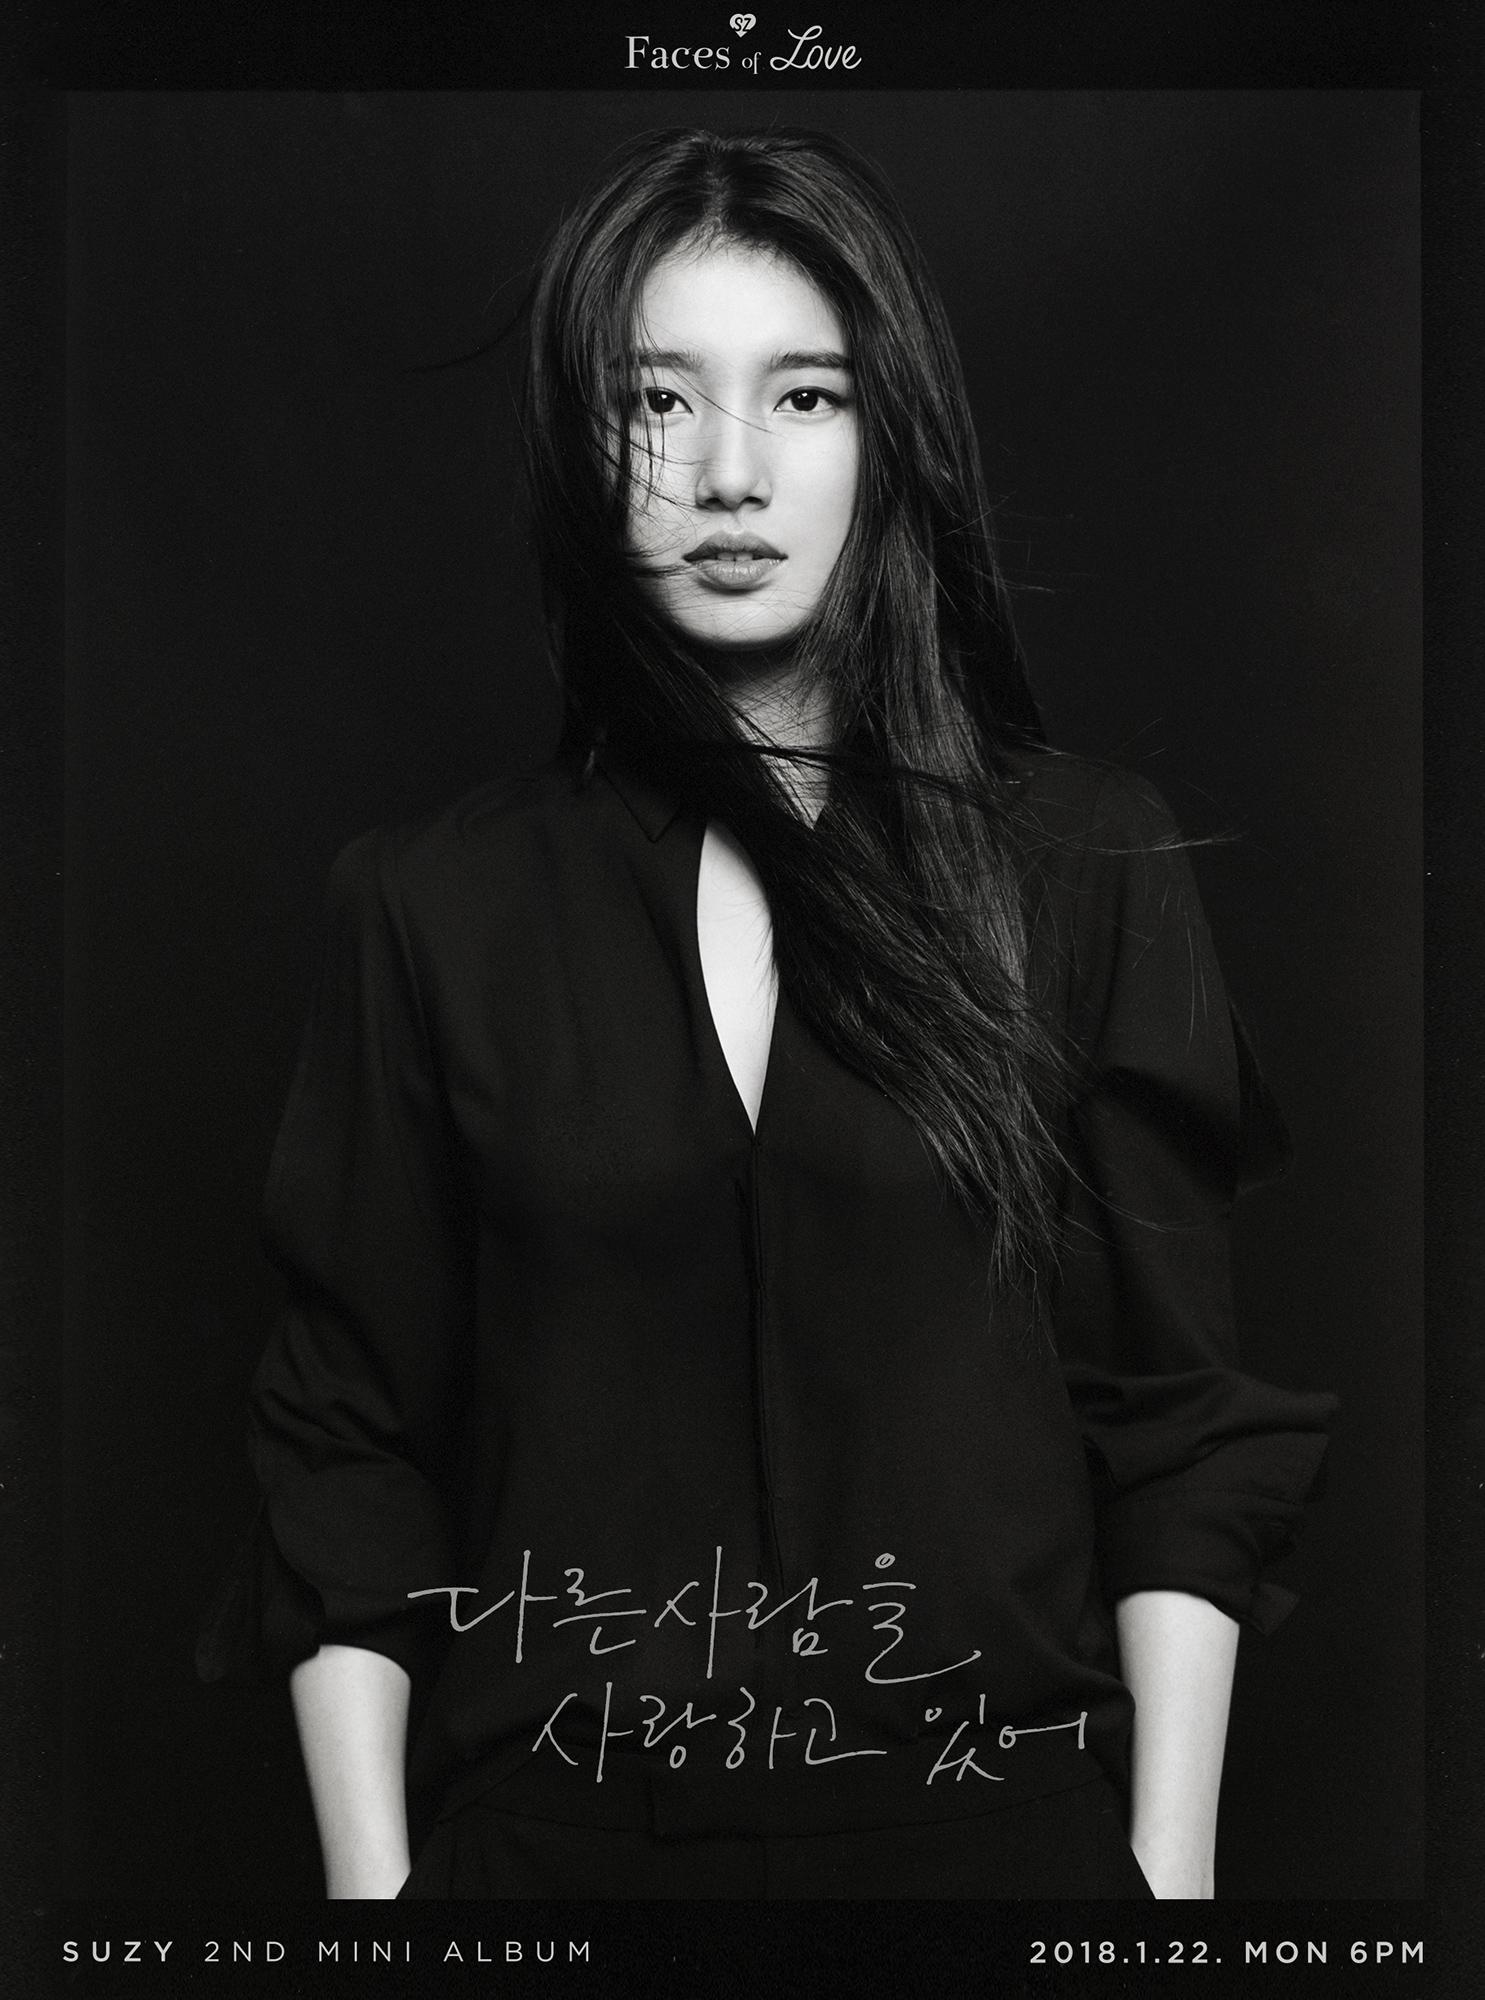 '리즈 갱신' 수지, 신곡 '다른 사람을 사랑하고 있어' 포토 티저 공개